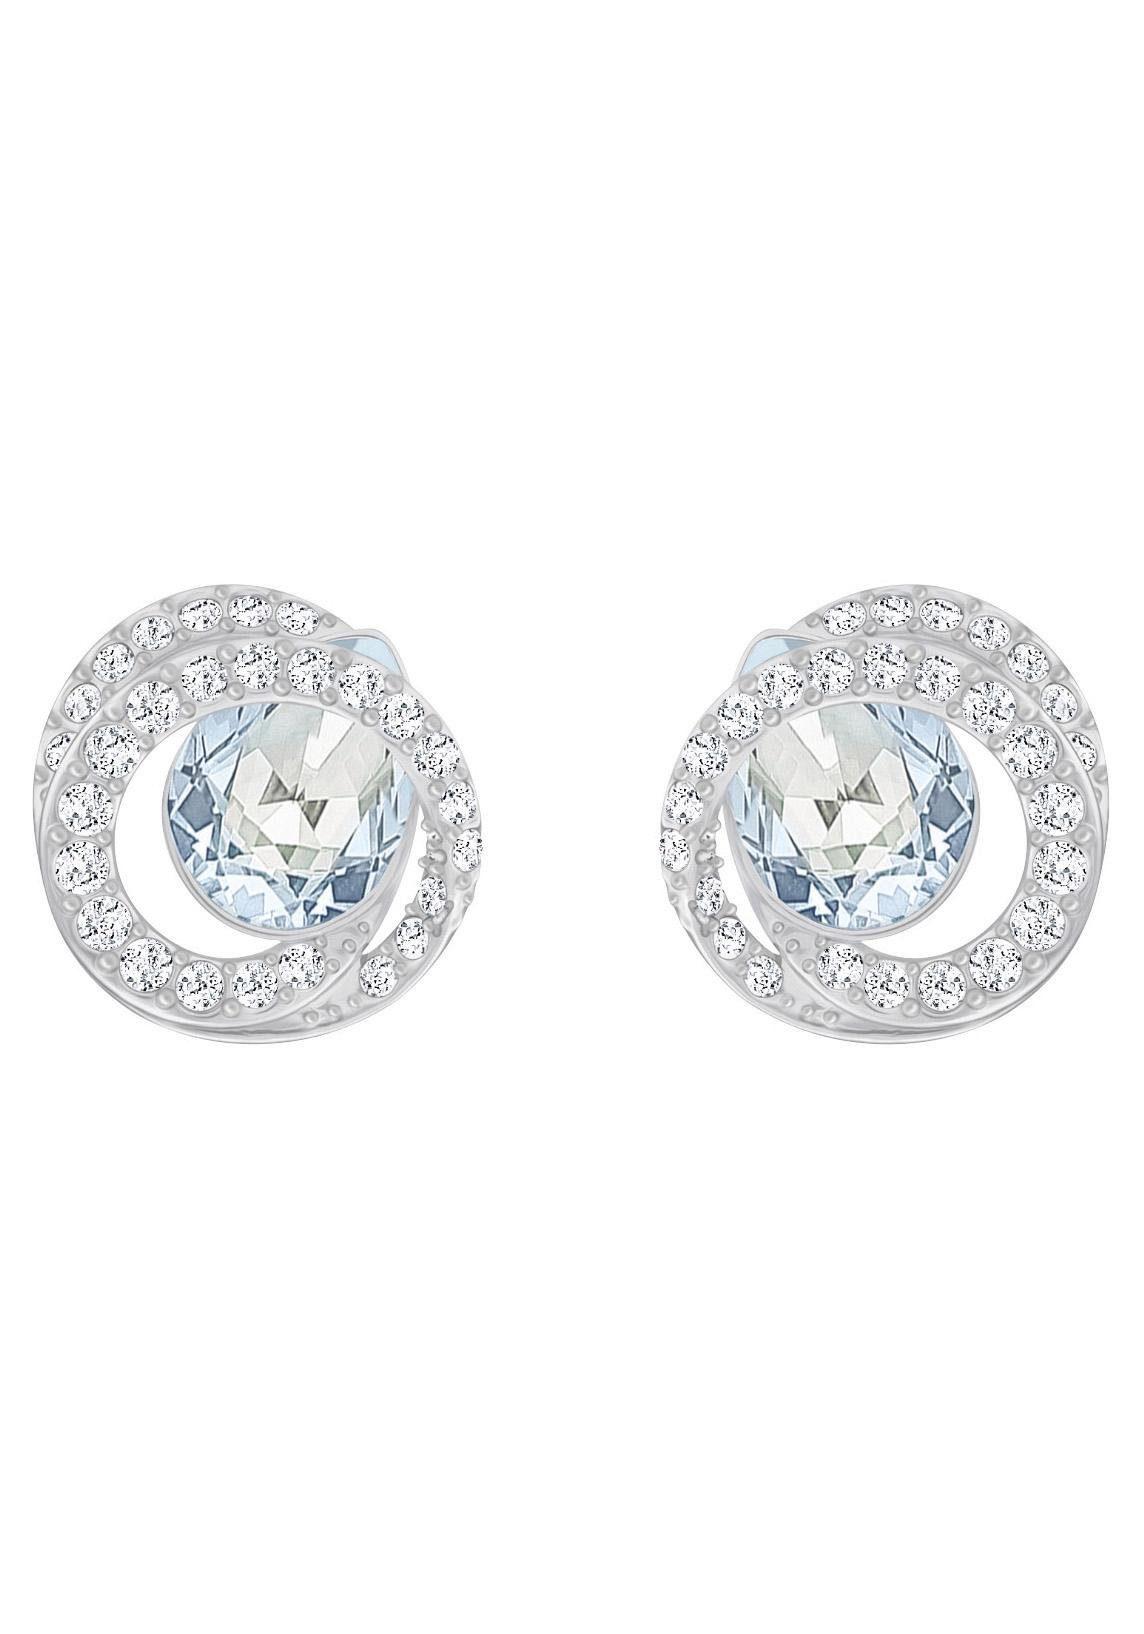 Swarovski Paar Ohrstecker »Generation, blau, rhodiniert, 5289026«, mit Swarovski® Kristallen